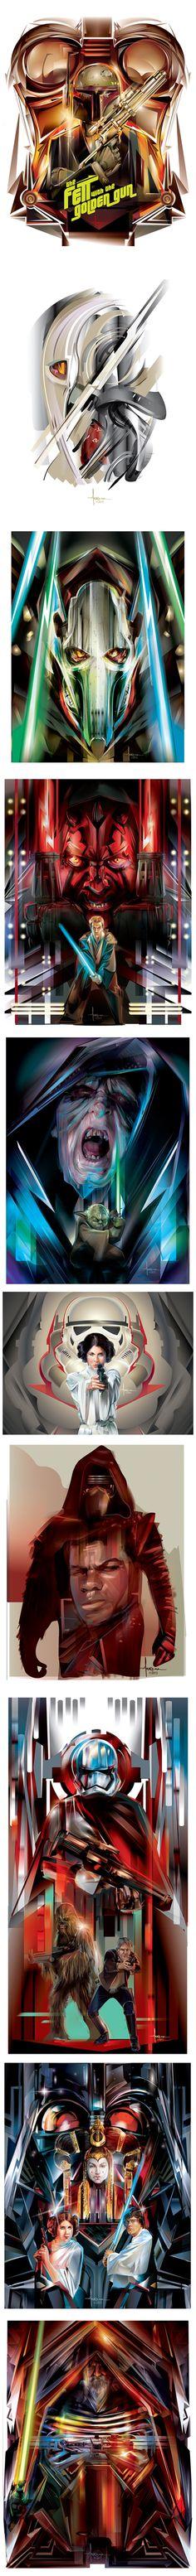 STAR WARS Vector tribute by Orlando Arocena